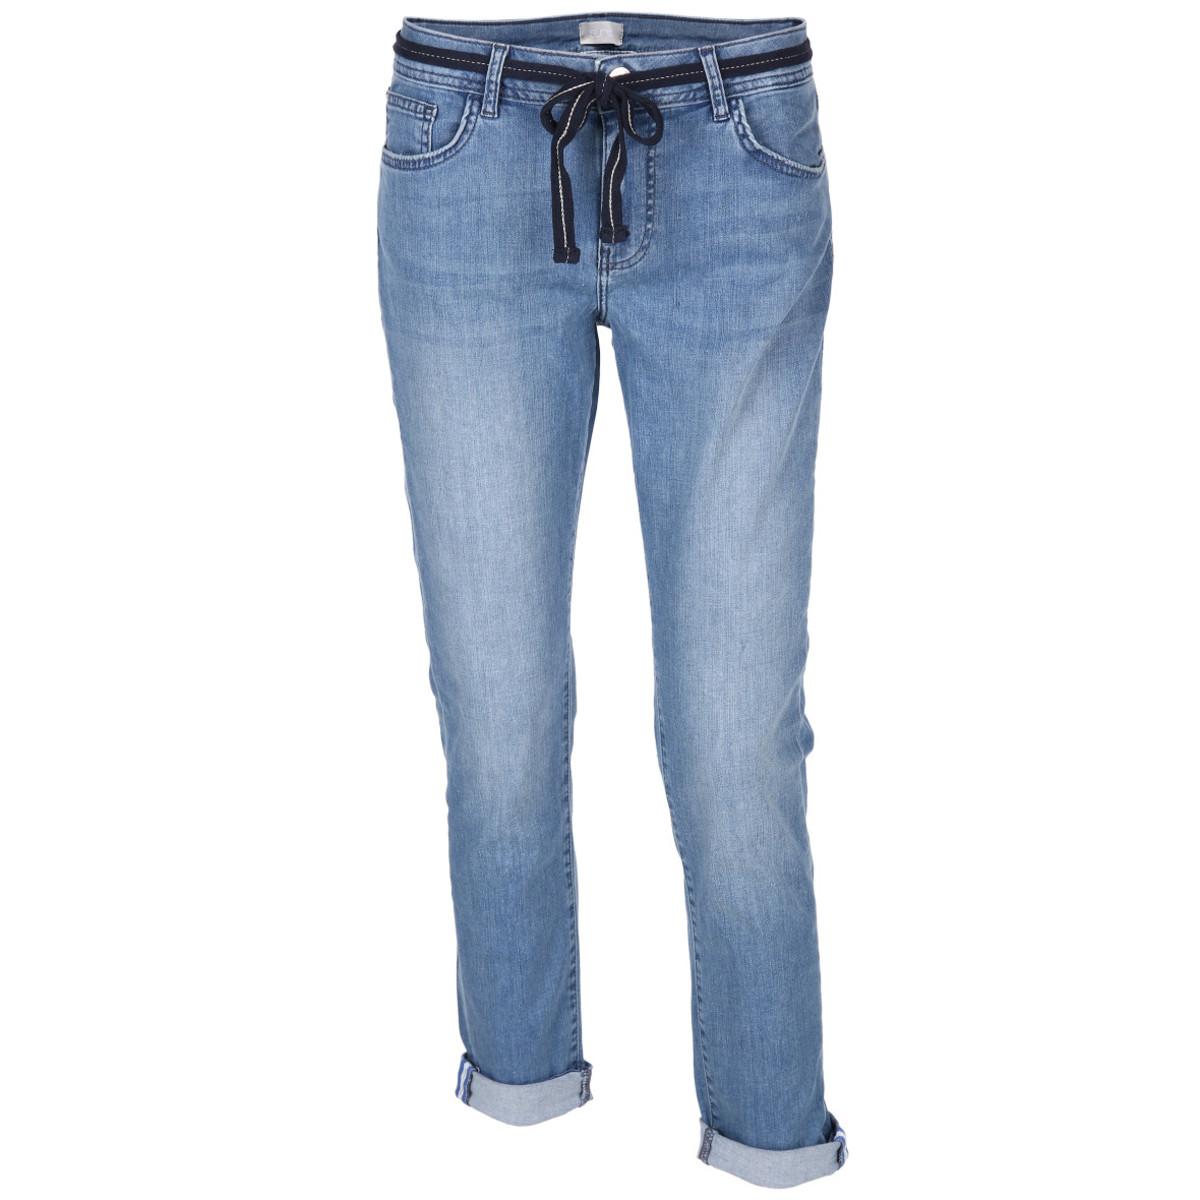 Bild 1 von Damen Jeans in 5-Pocket-Form mit Gürtel